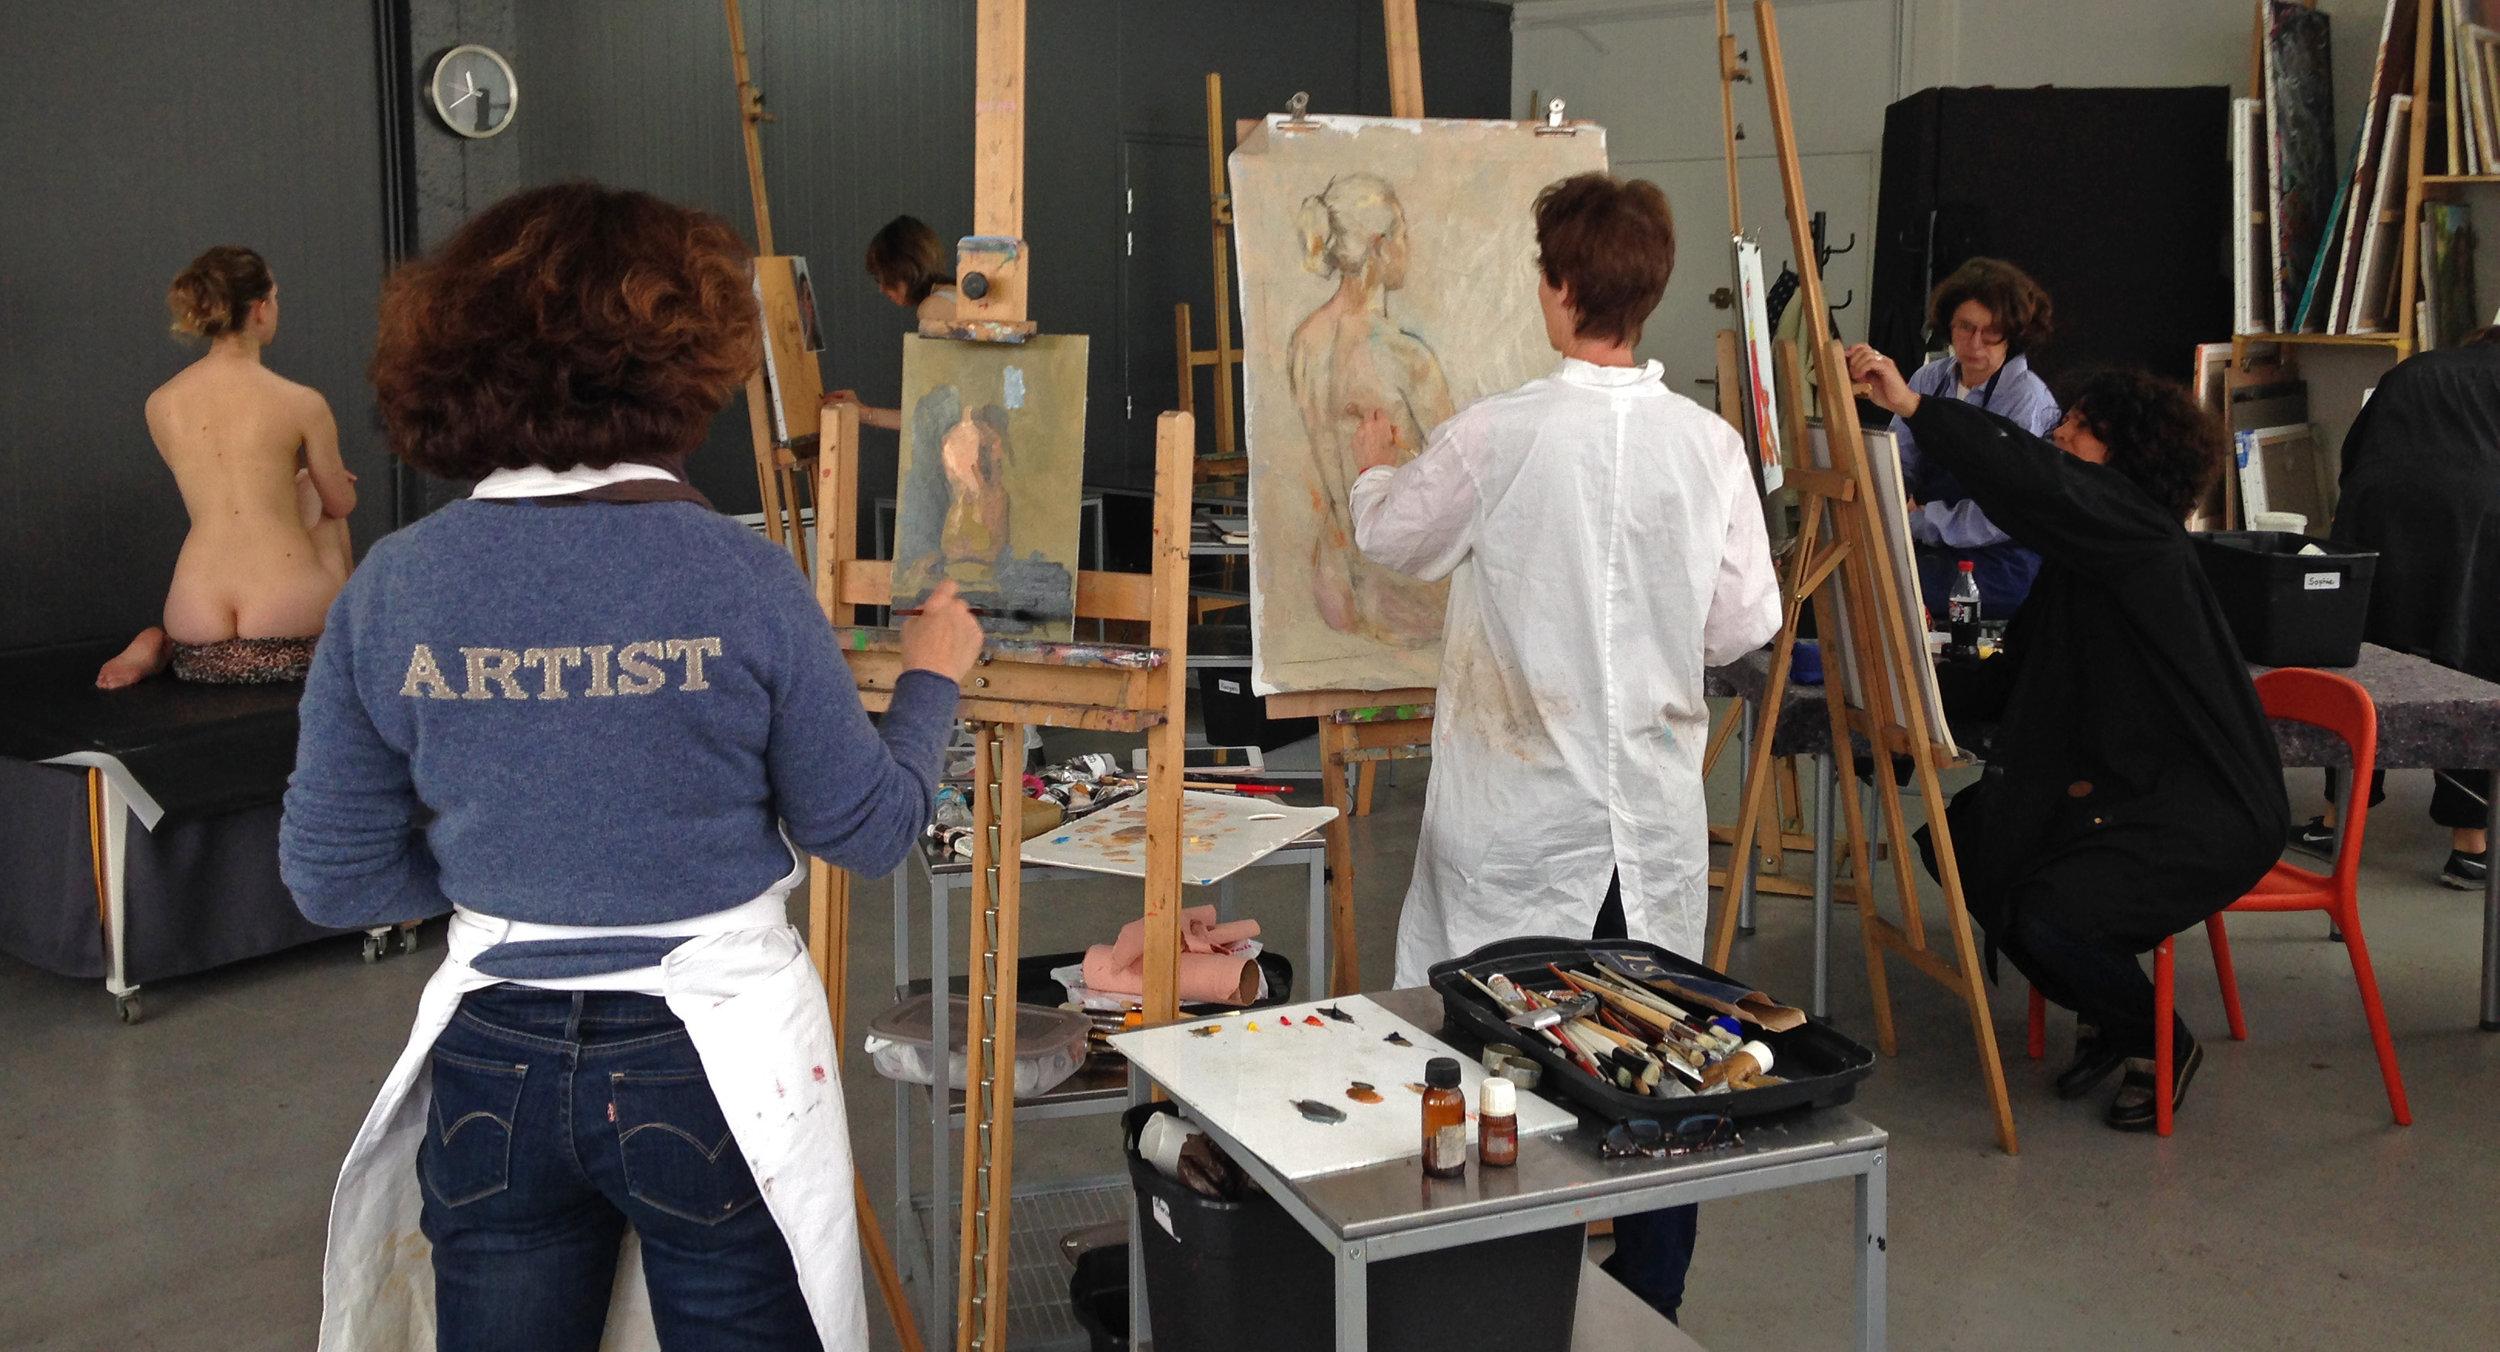 paris-live-model-class-workshop-france.jpg